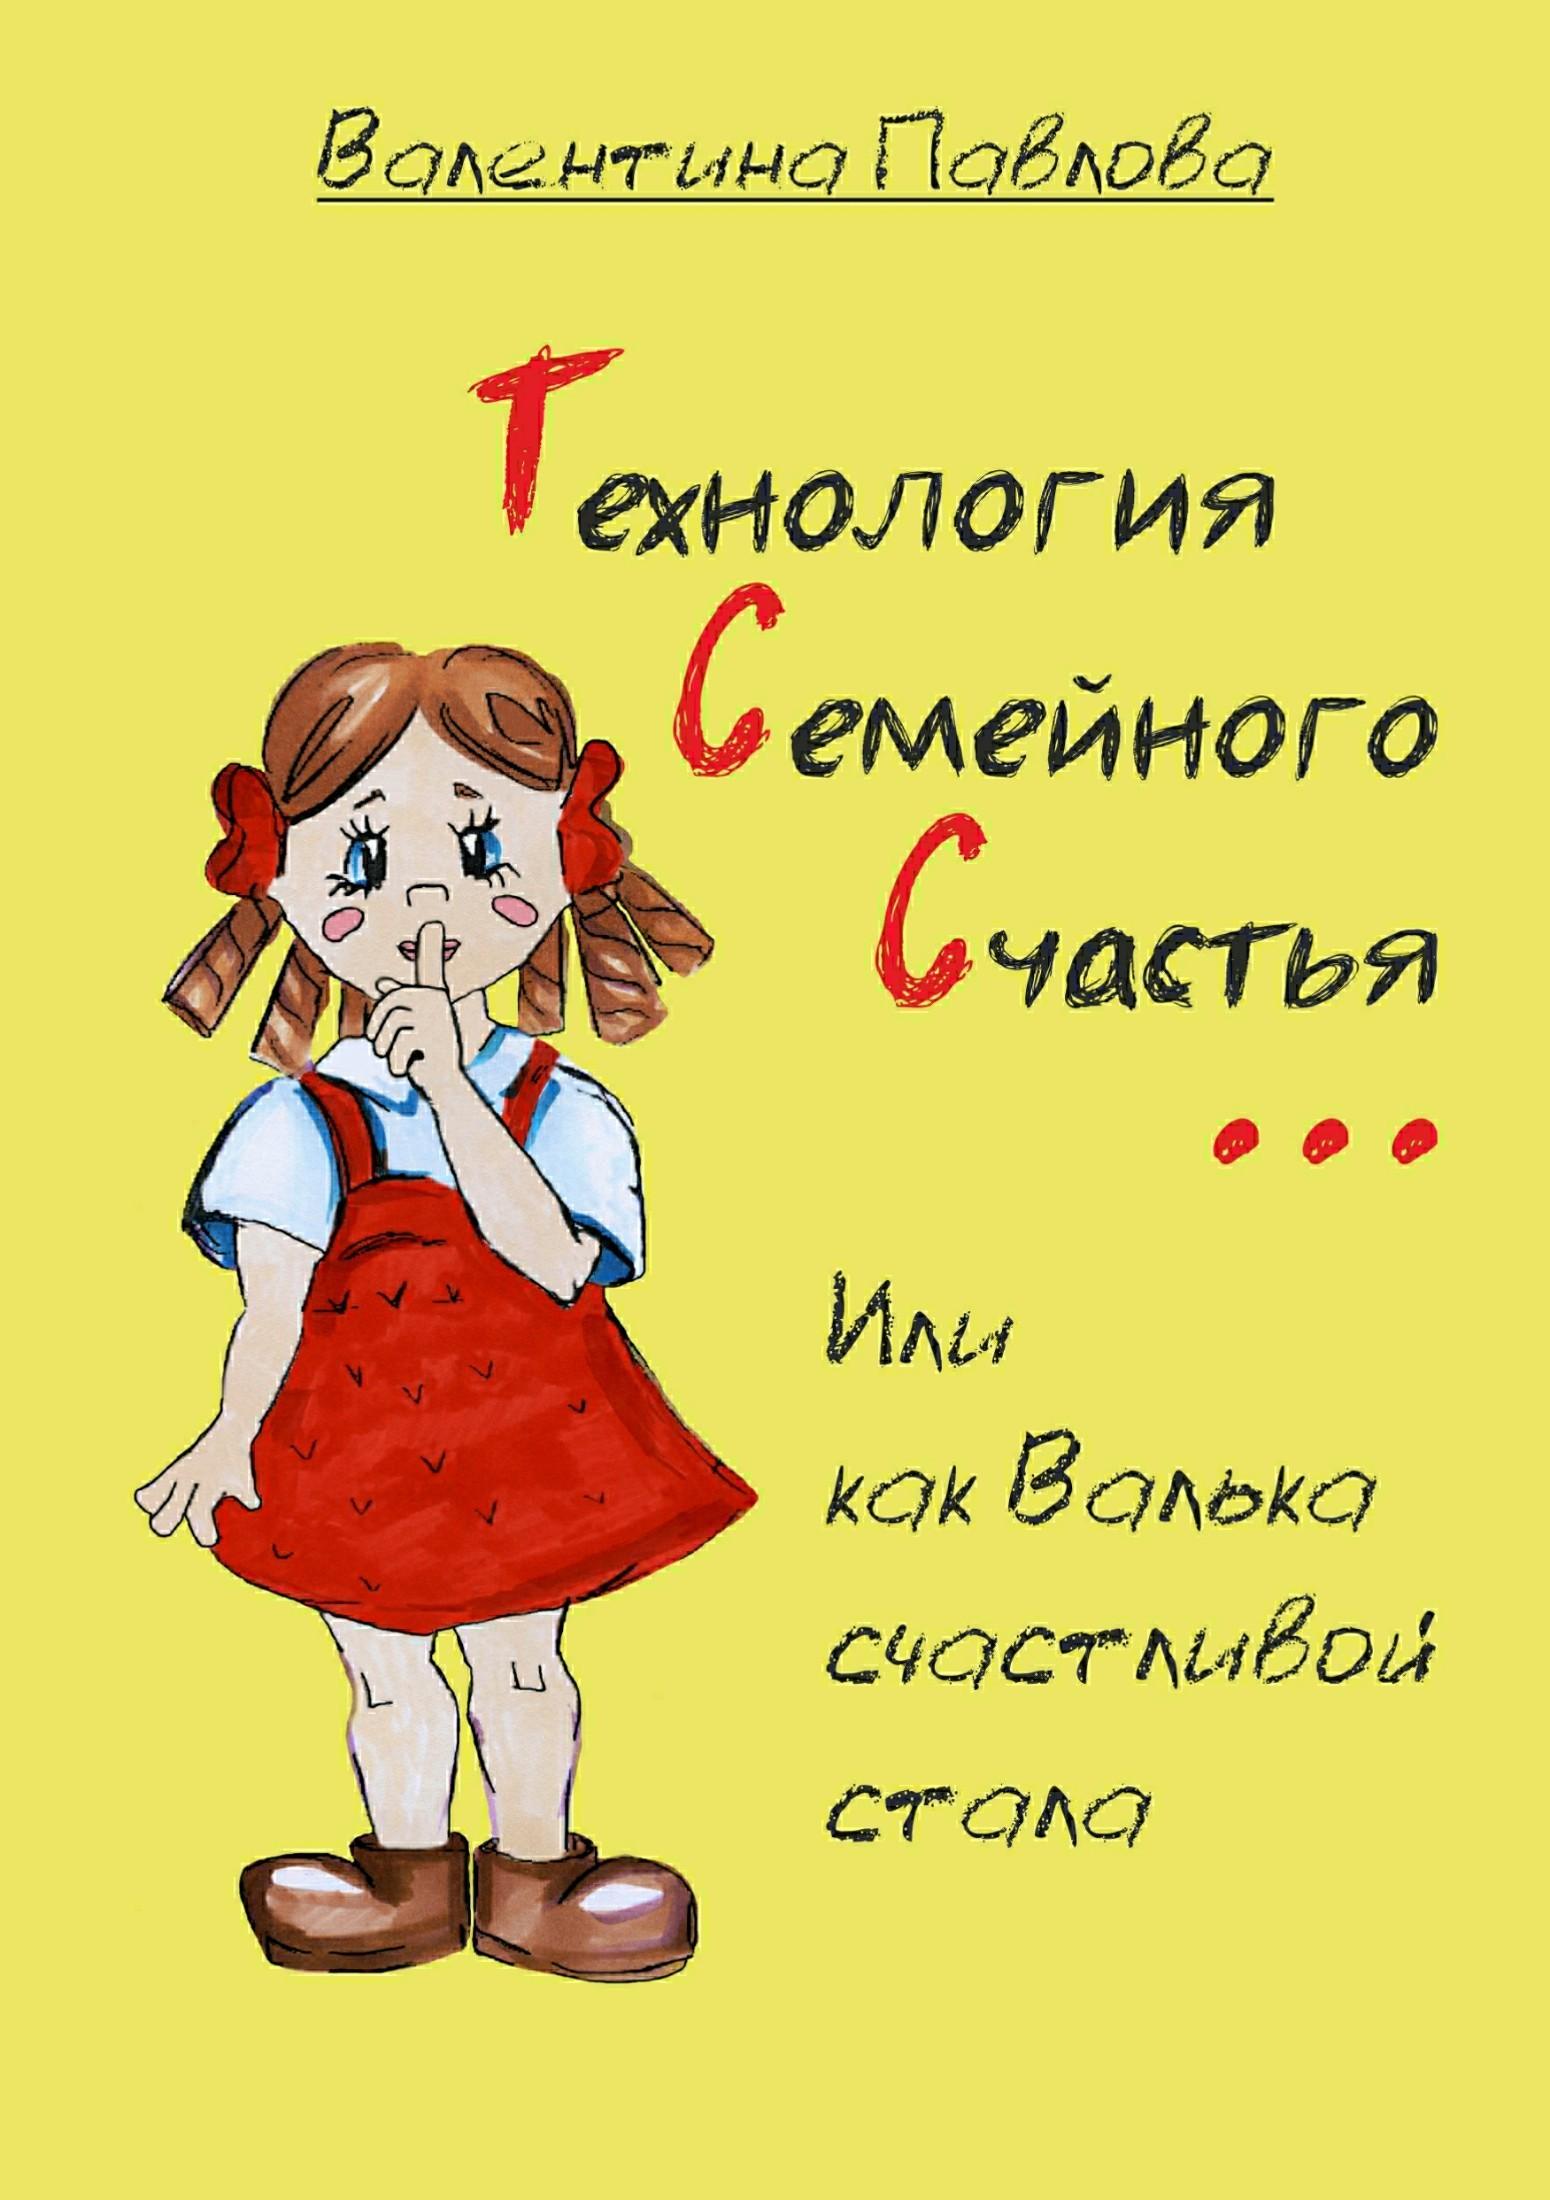 Валентина Павлова - Технология Семейного Счастья, или как Валька счастливой стала